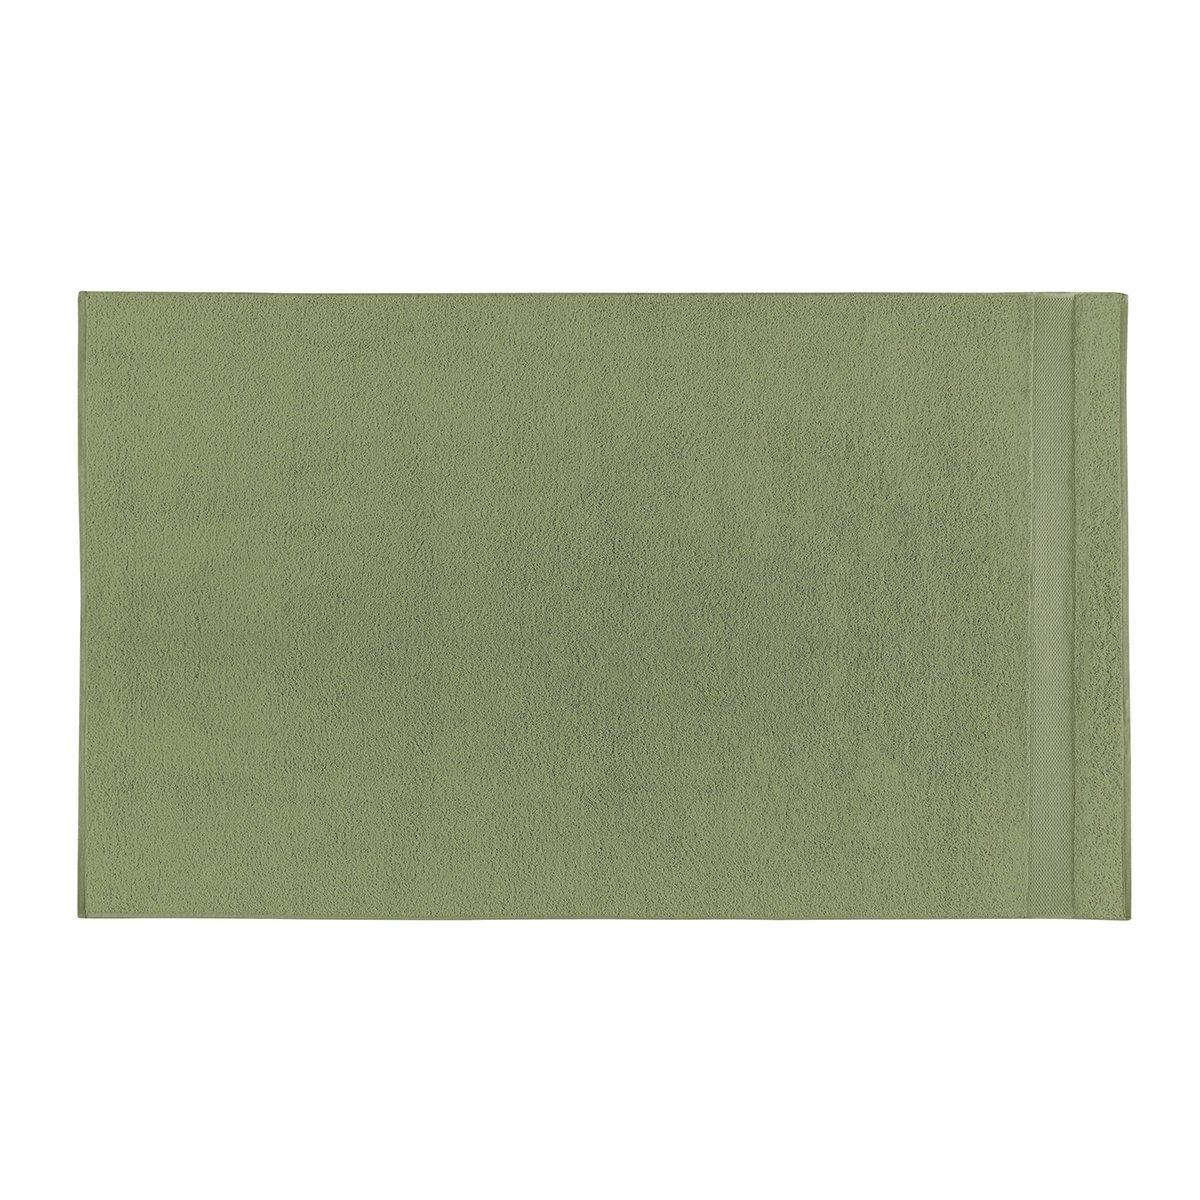 Drap de bain coton 90x150 cm cèdre